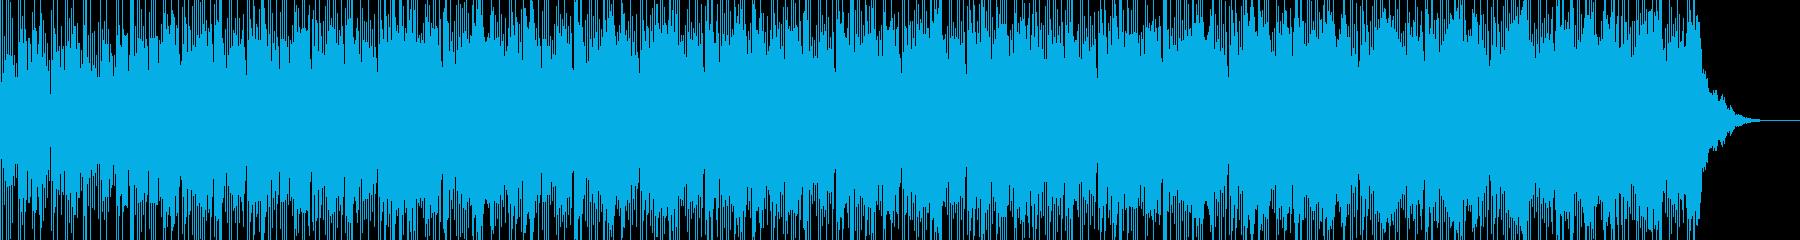 悲愴感の漂う深い悲しみを表現した楽曲の再生済みの波形